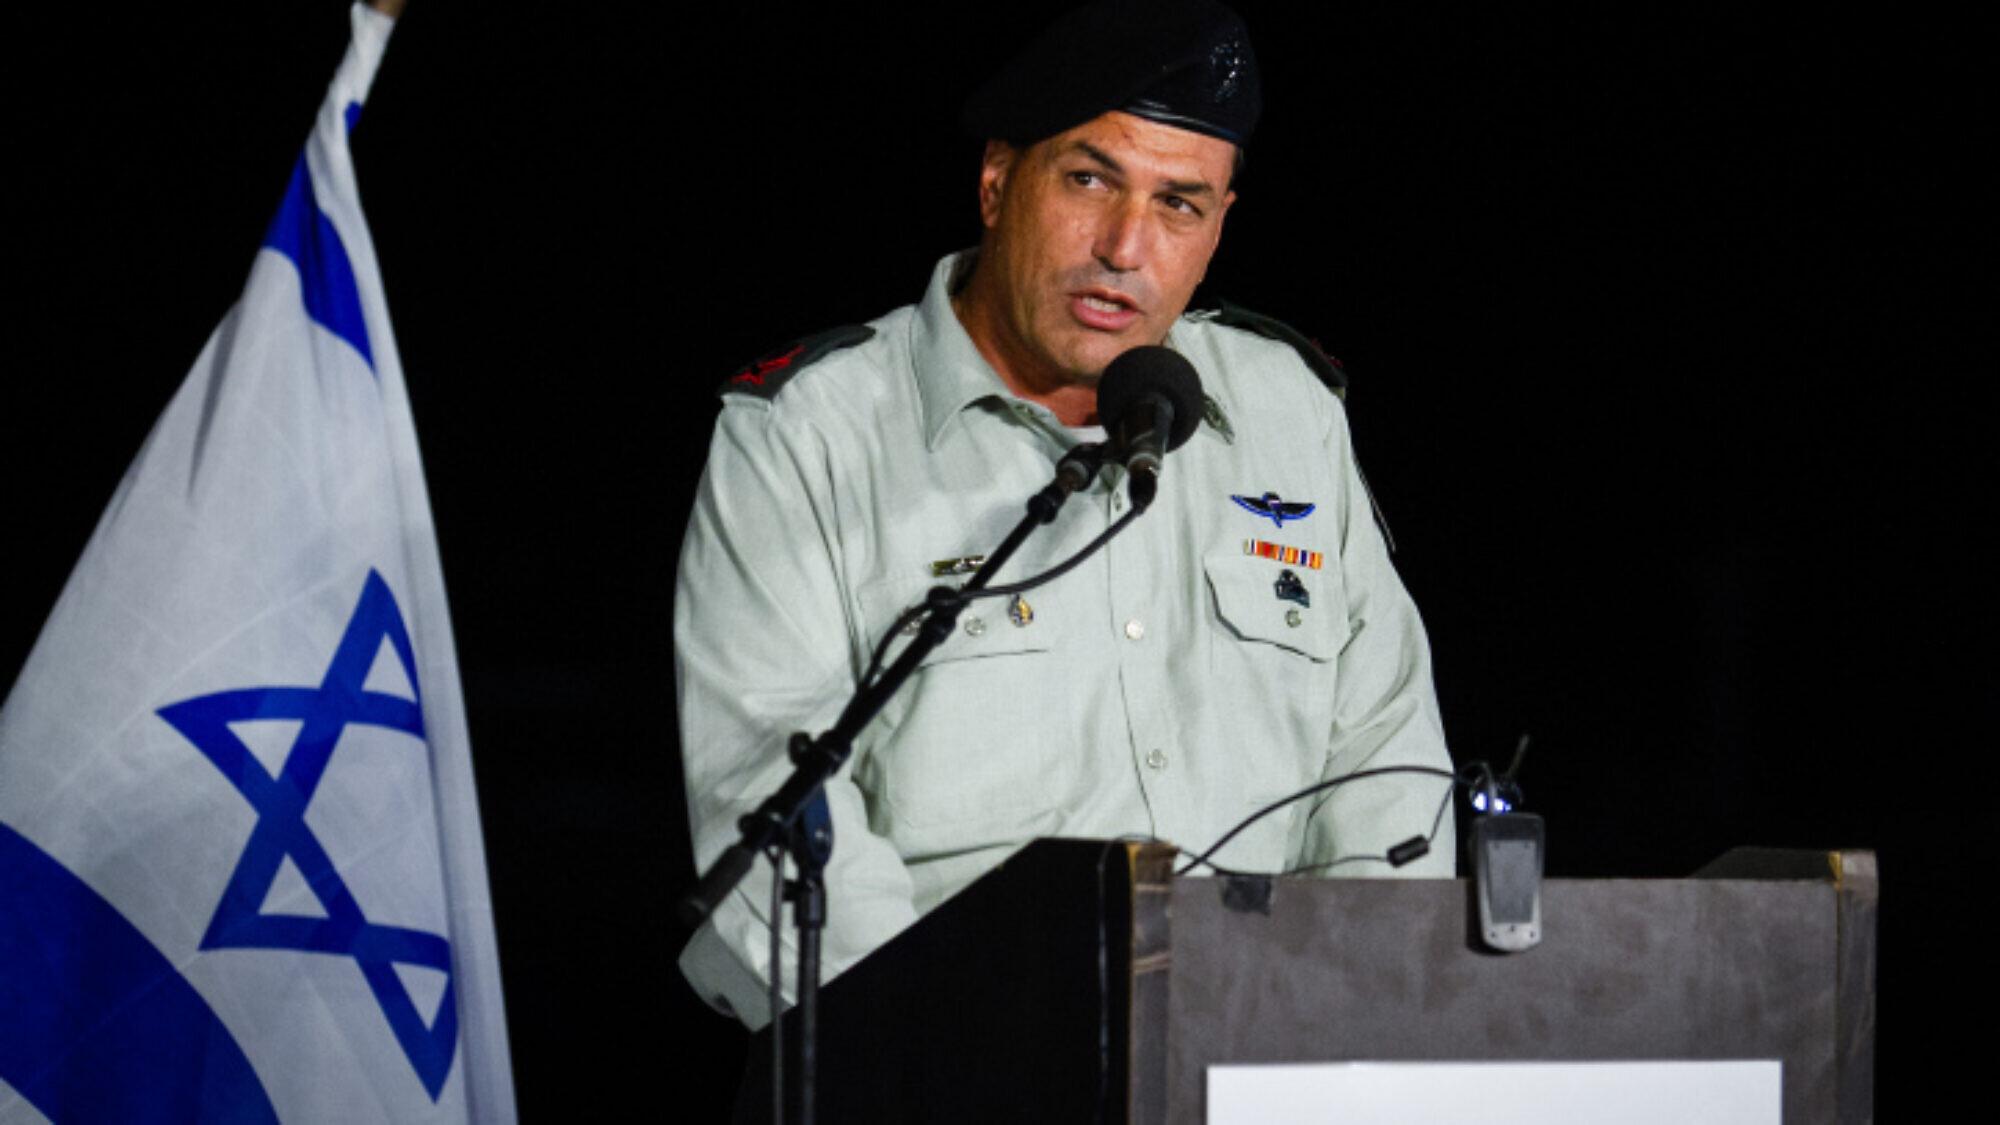 İsrailli Komutanlar Ordularını Sorguluyor